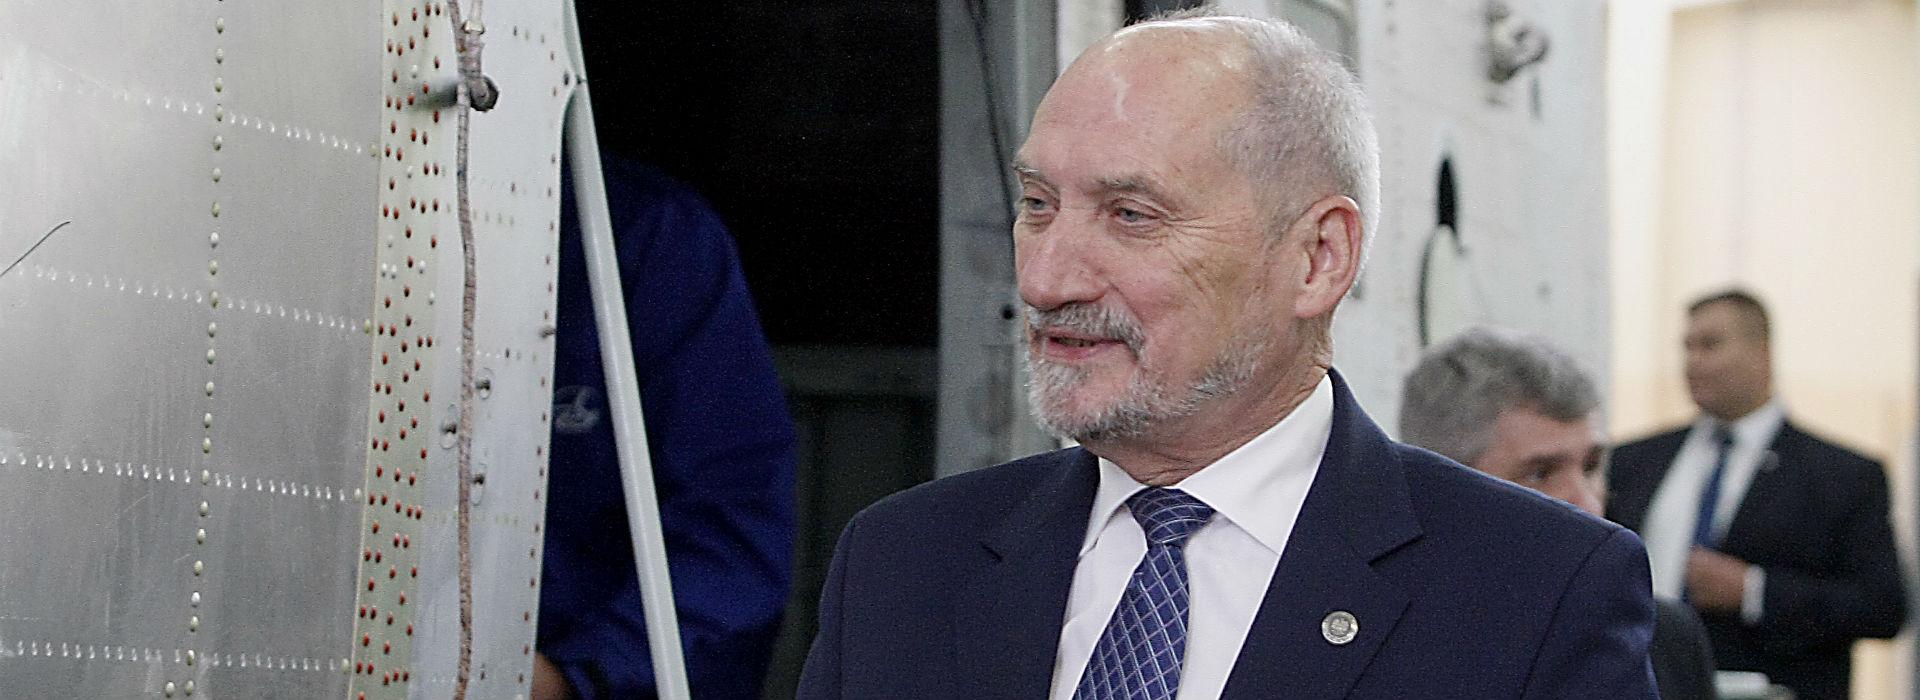 Macierewicz: Raport z prac tzw. podkomisji smoleńskiej wiosną